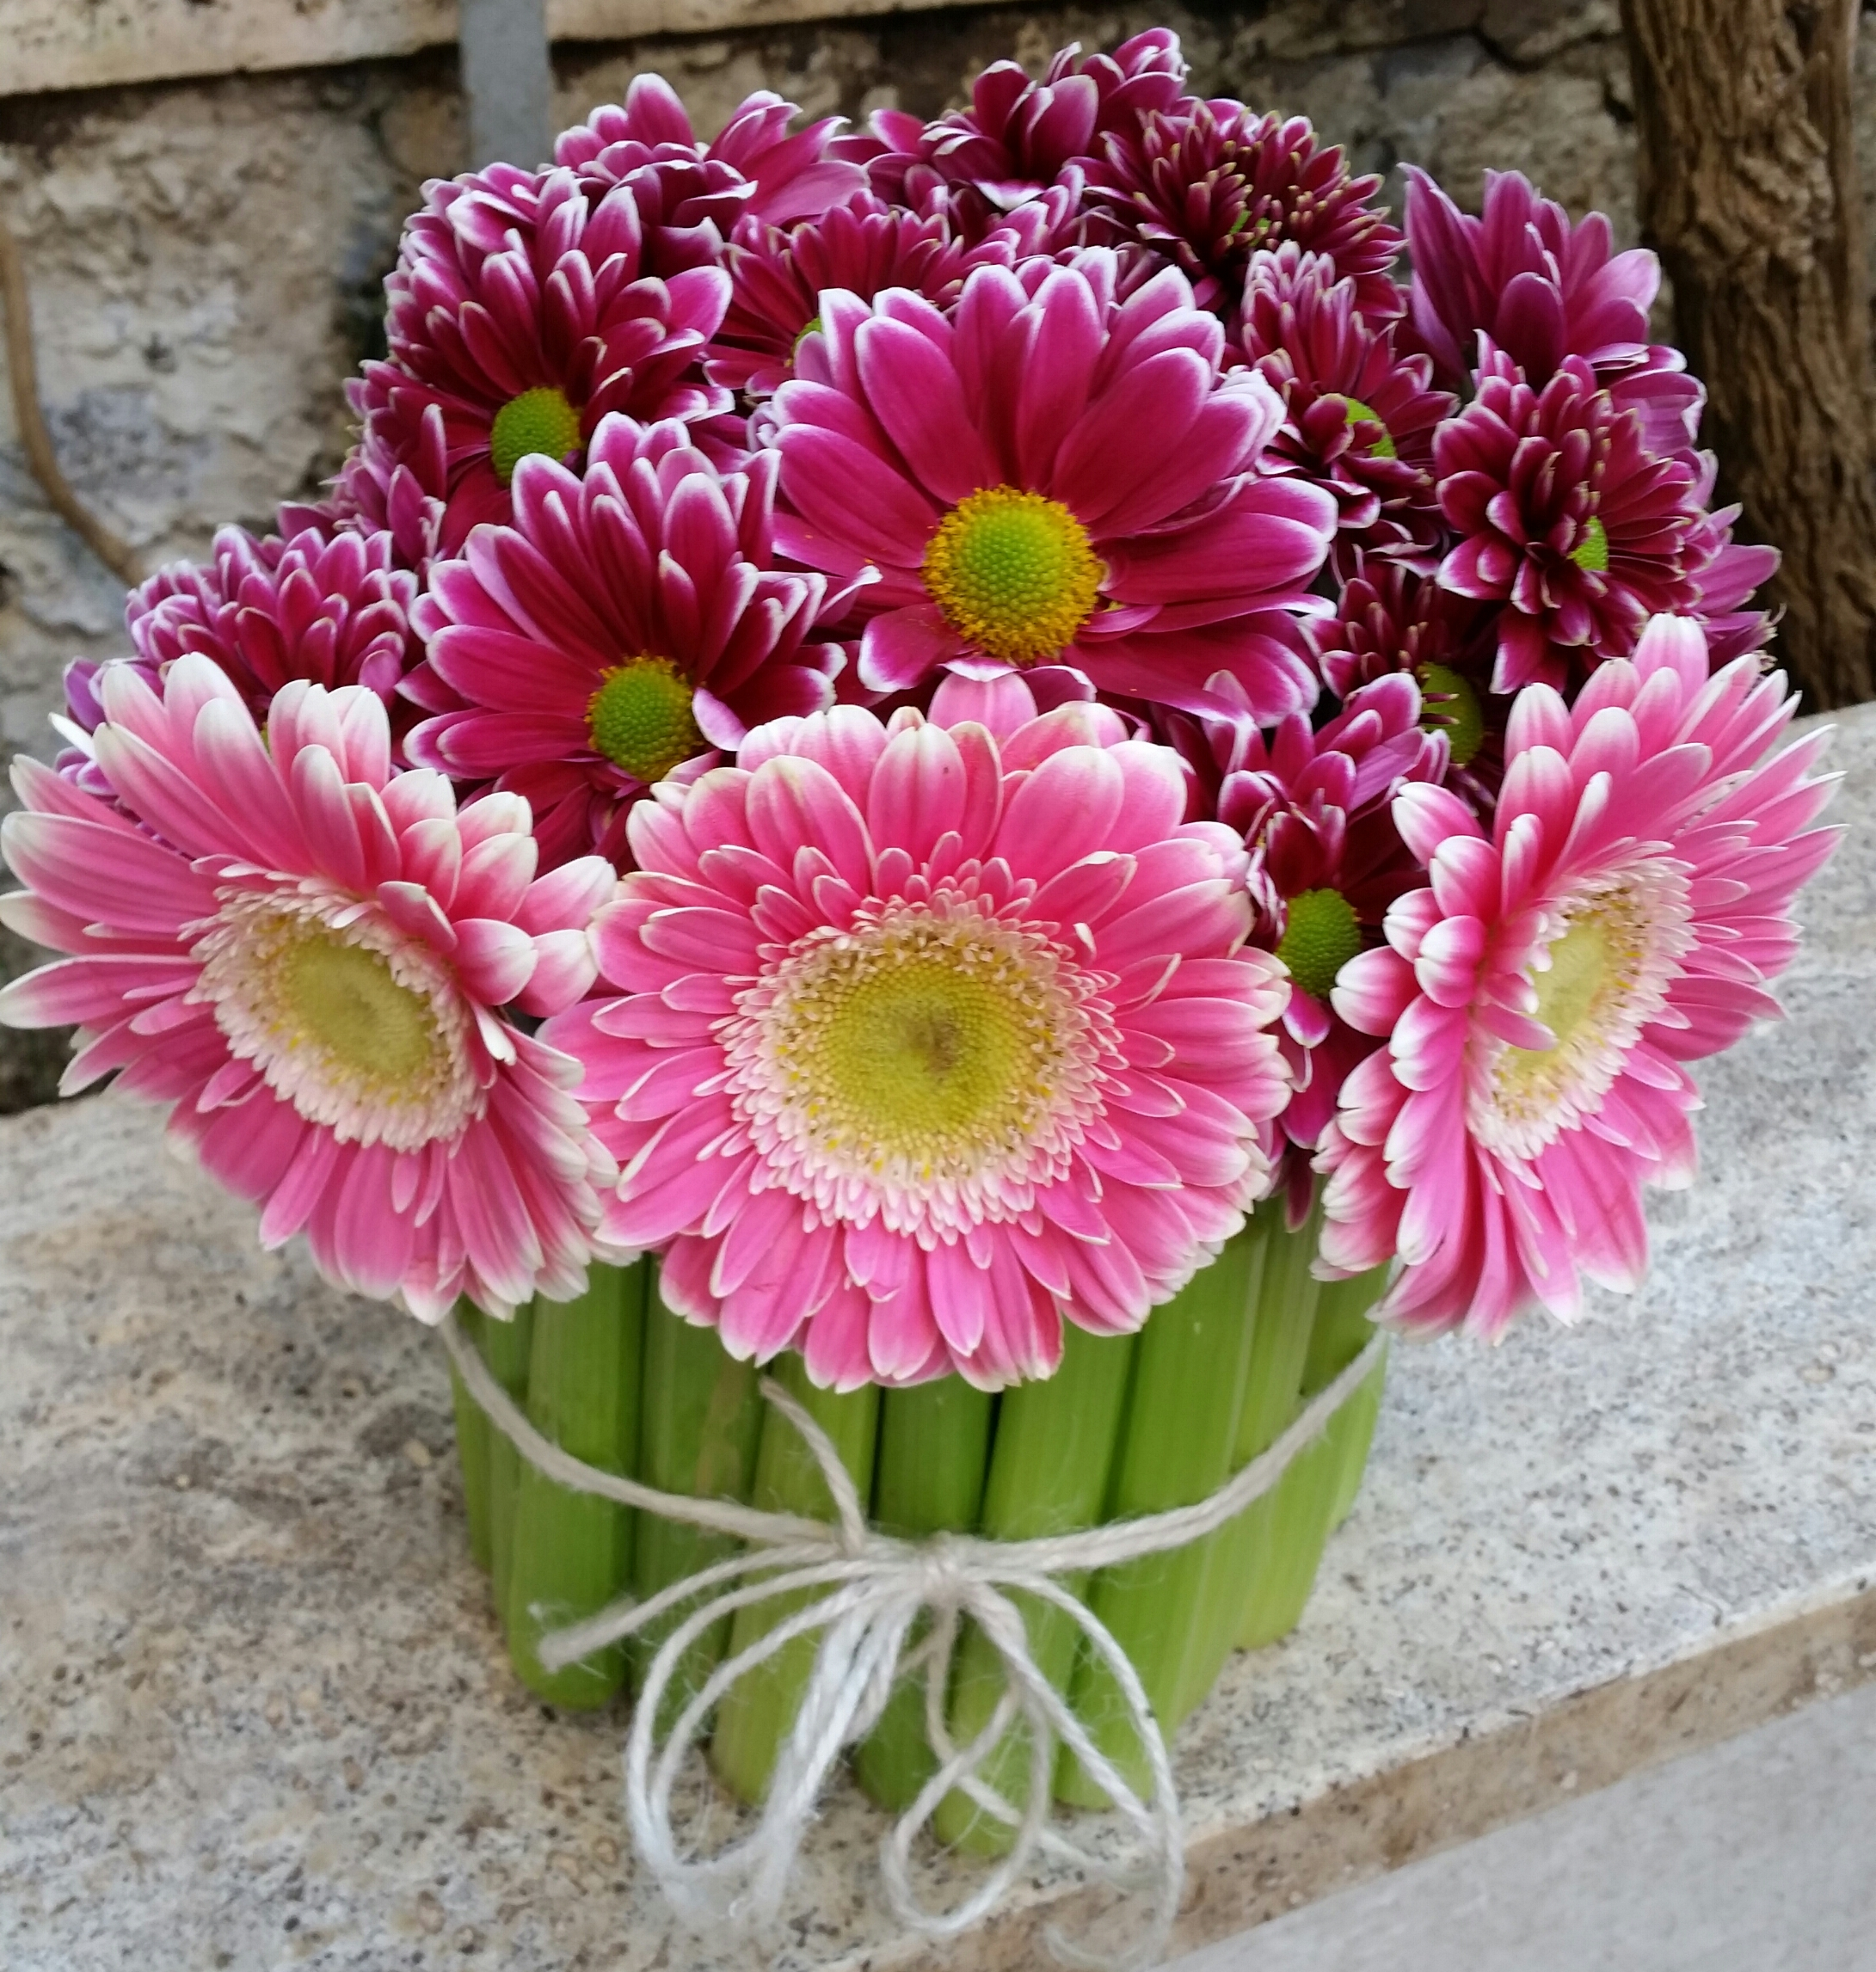 Conosciuto fiori | Family Life LP73